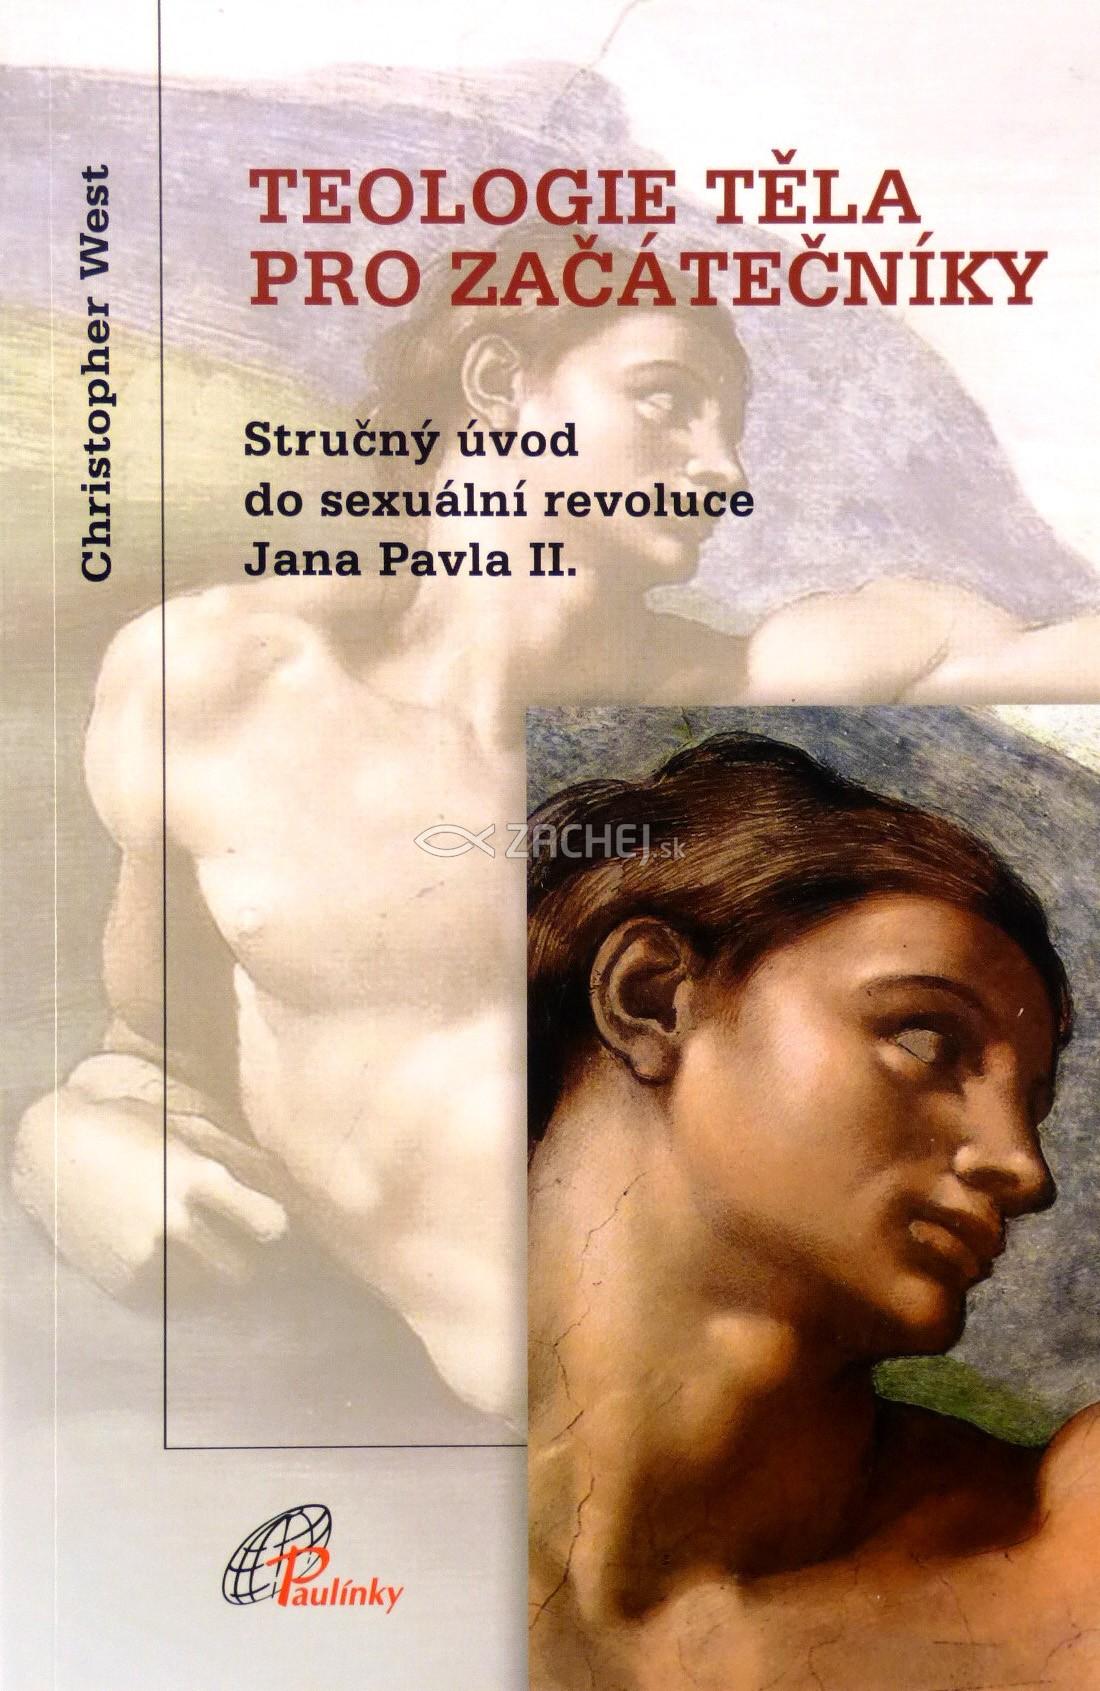 Teologie těla pro začátečníky - Stručný úvod do sexuální revoluce Jana Pavla II.